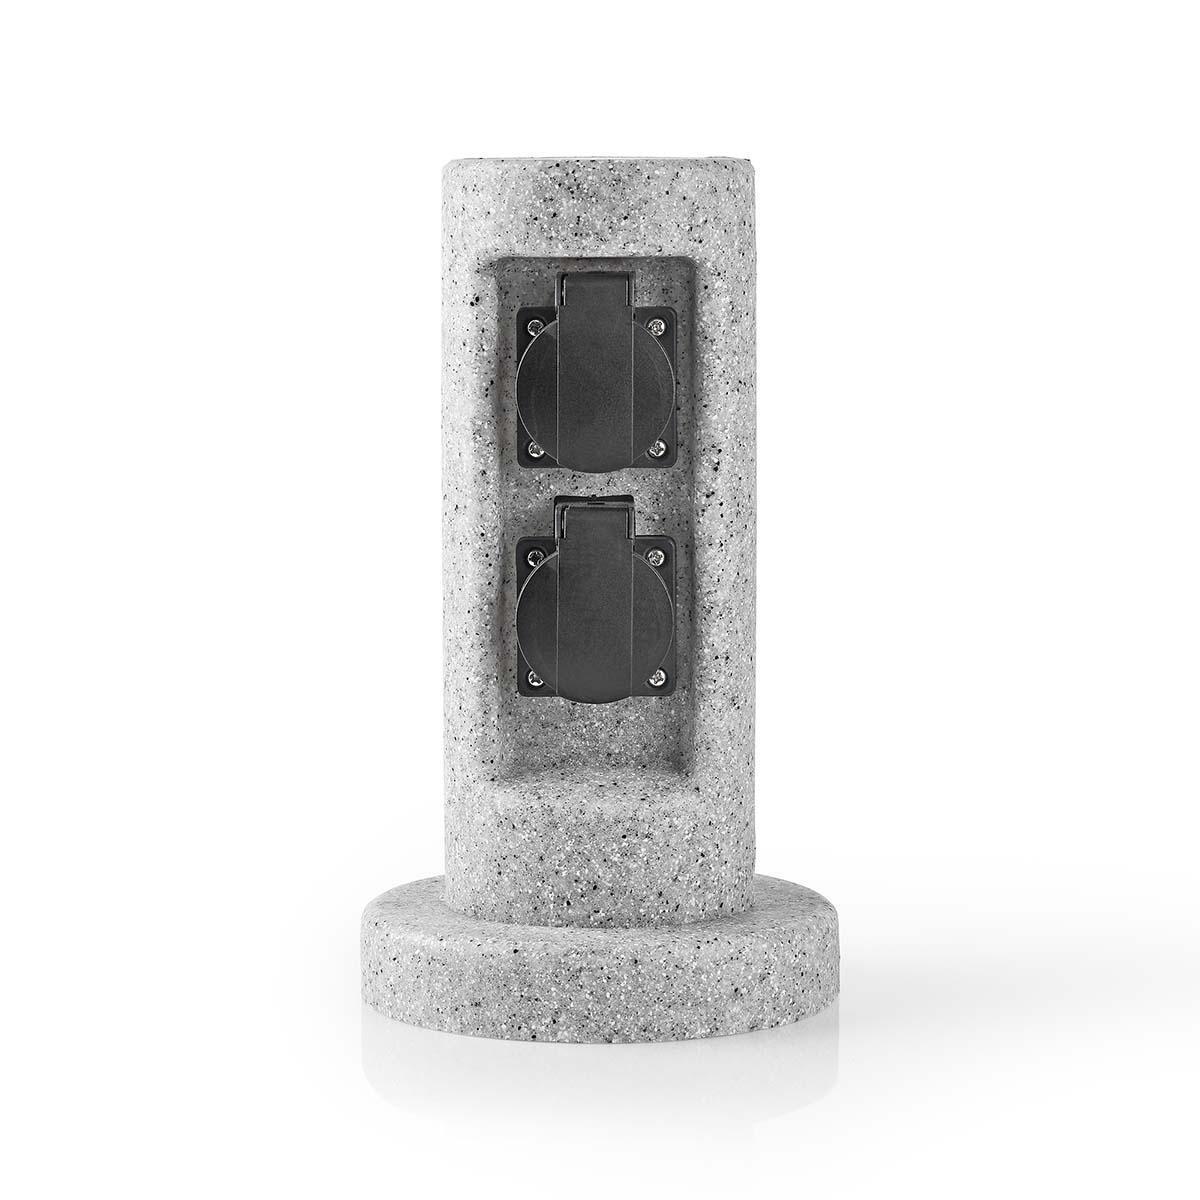 2 Sets Wandhalter Halterung für Steckdosen Leiste Strom Verteiler Steckerleiste